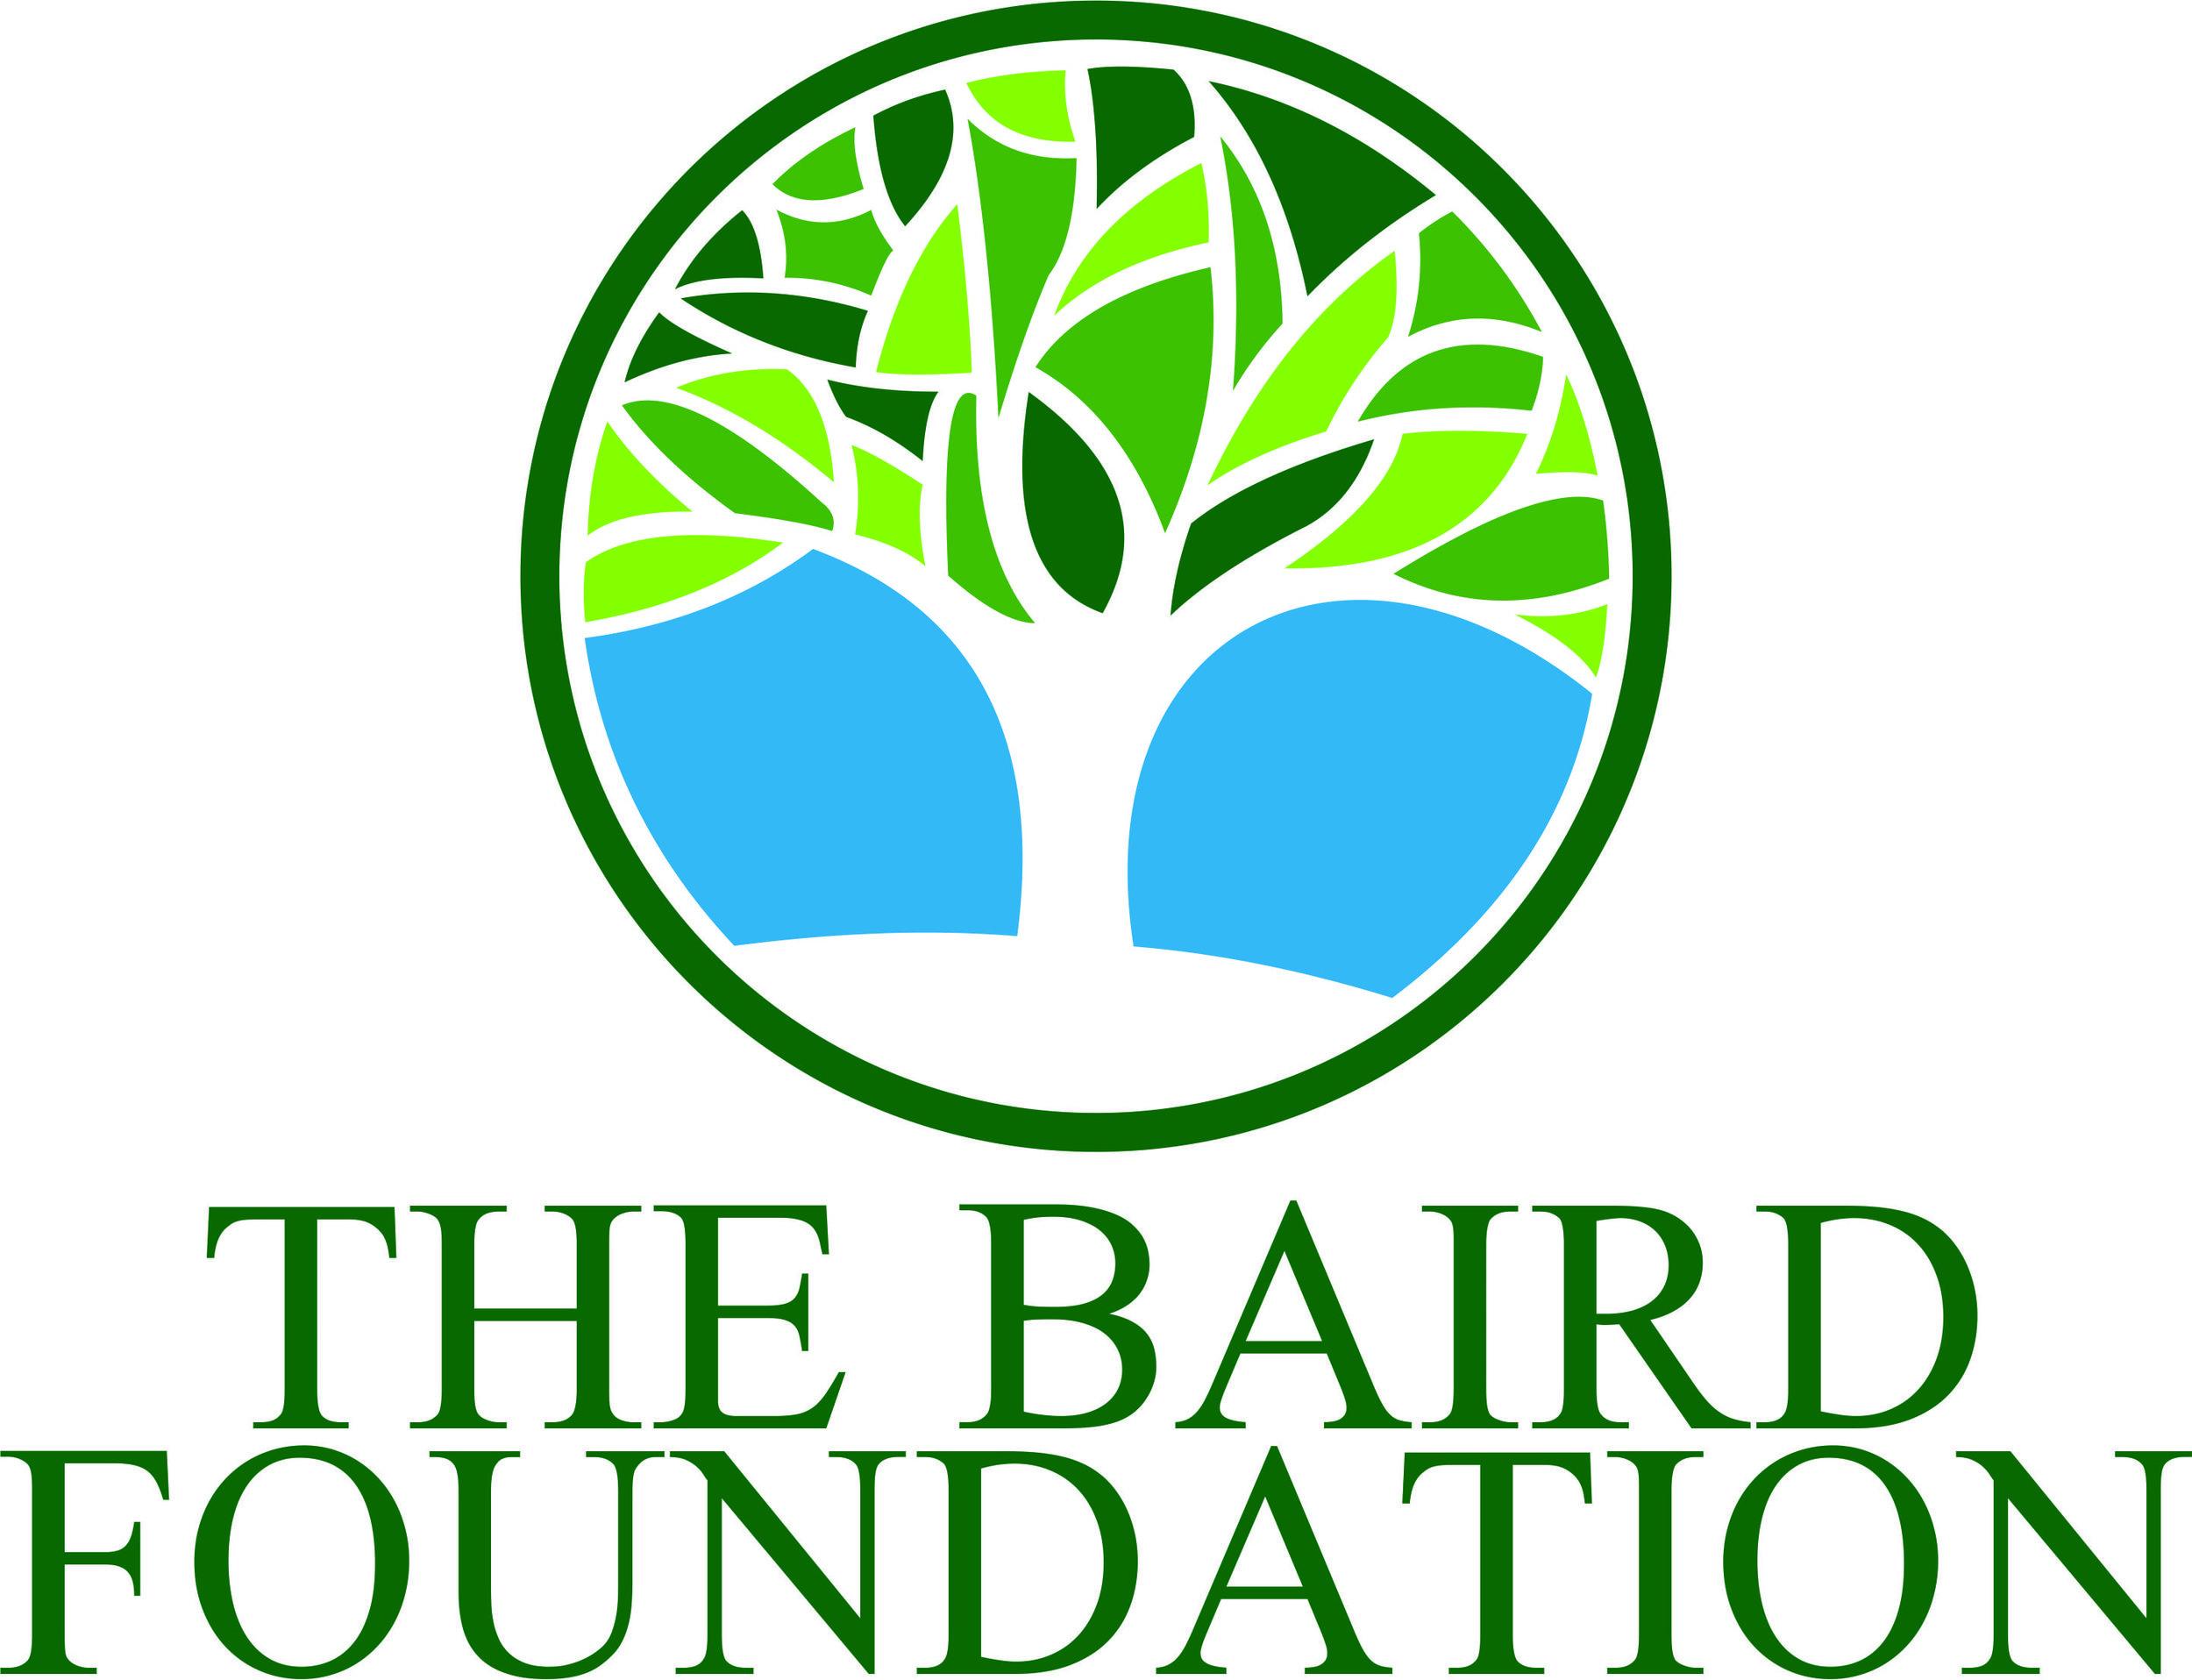 TheBairdFoundation_Logo_Regular.jpg